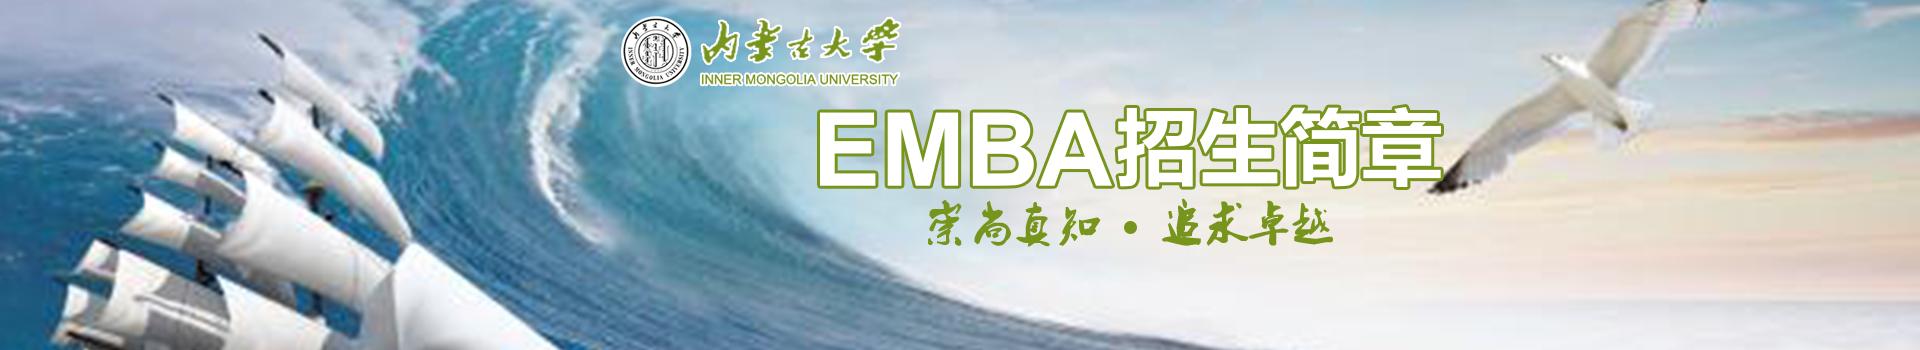 内蒙古大学经济管理学院高级工商管理硕士EMBA招生简章